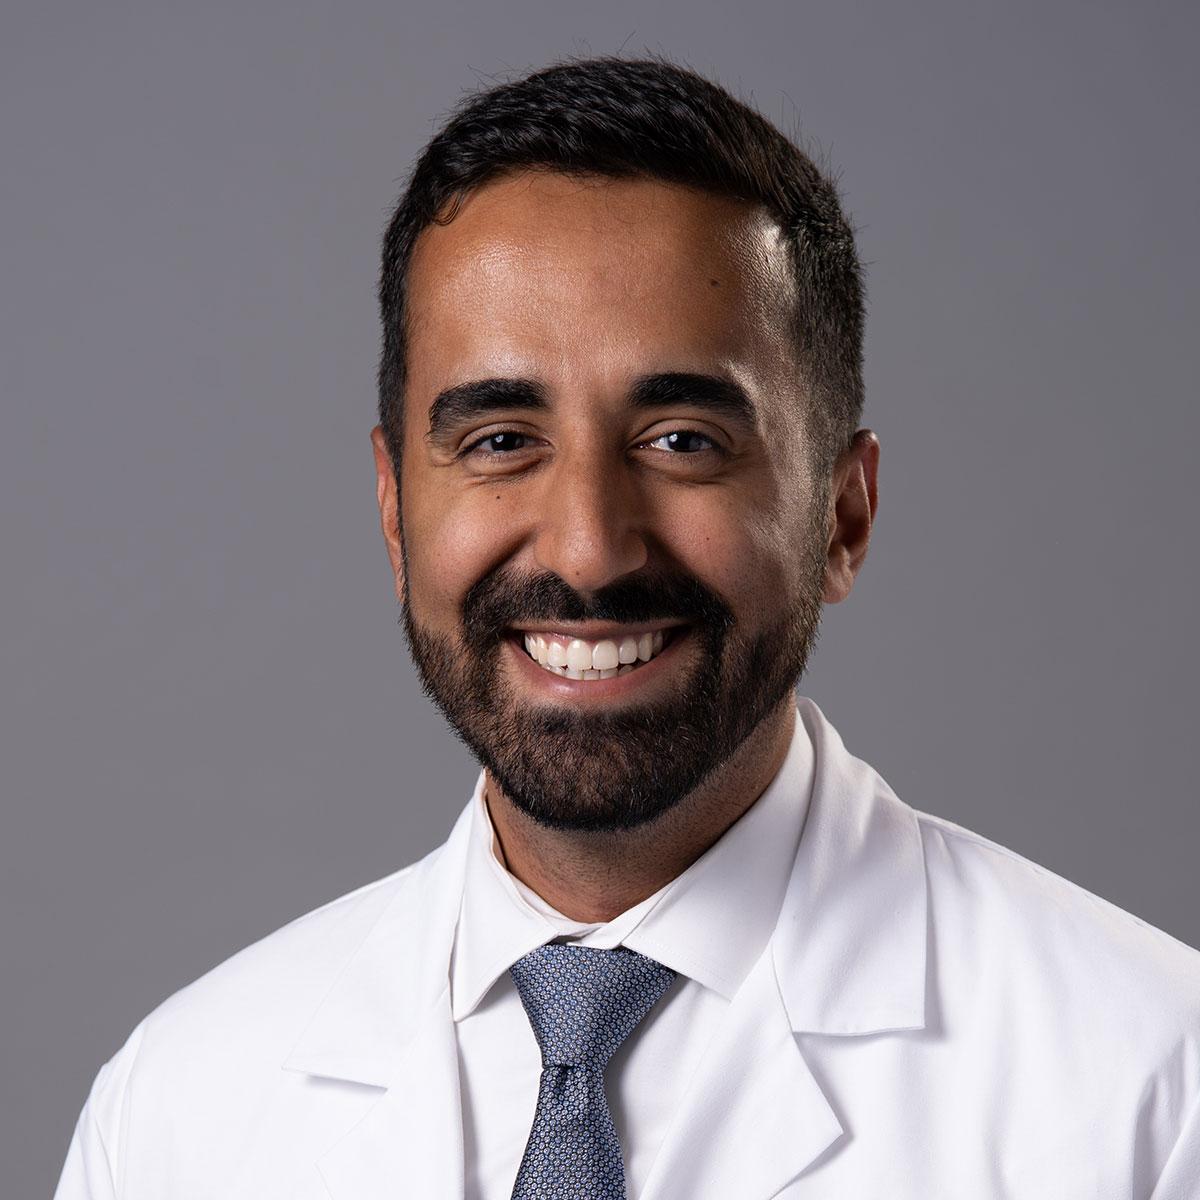 A friendly headshot of Dr. Sagar Patel